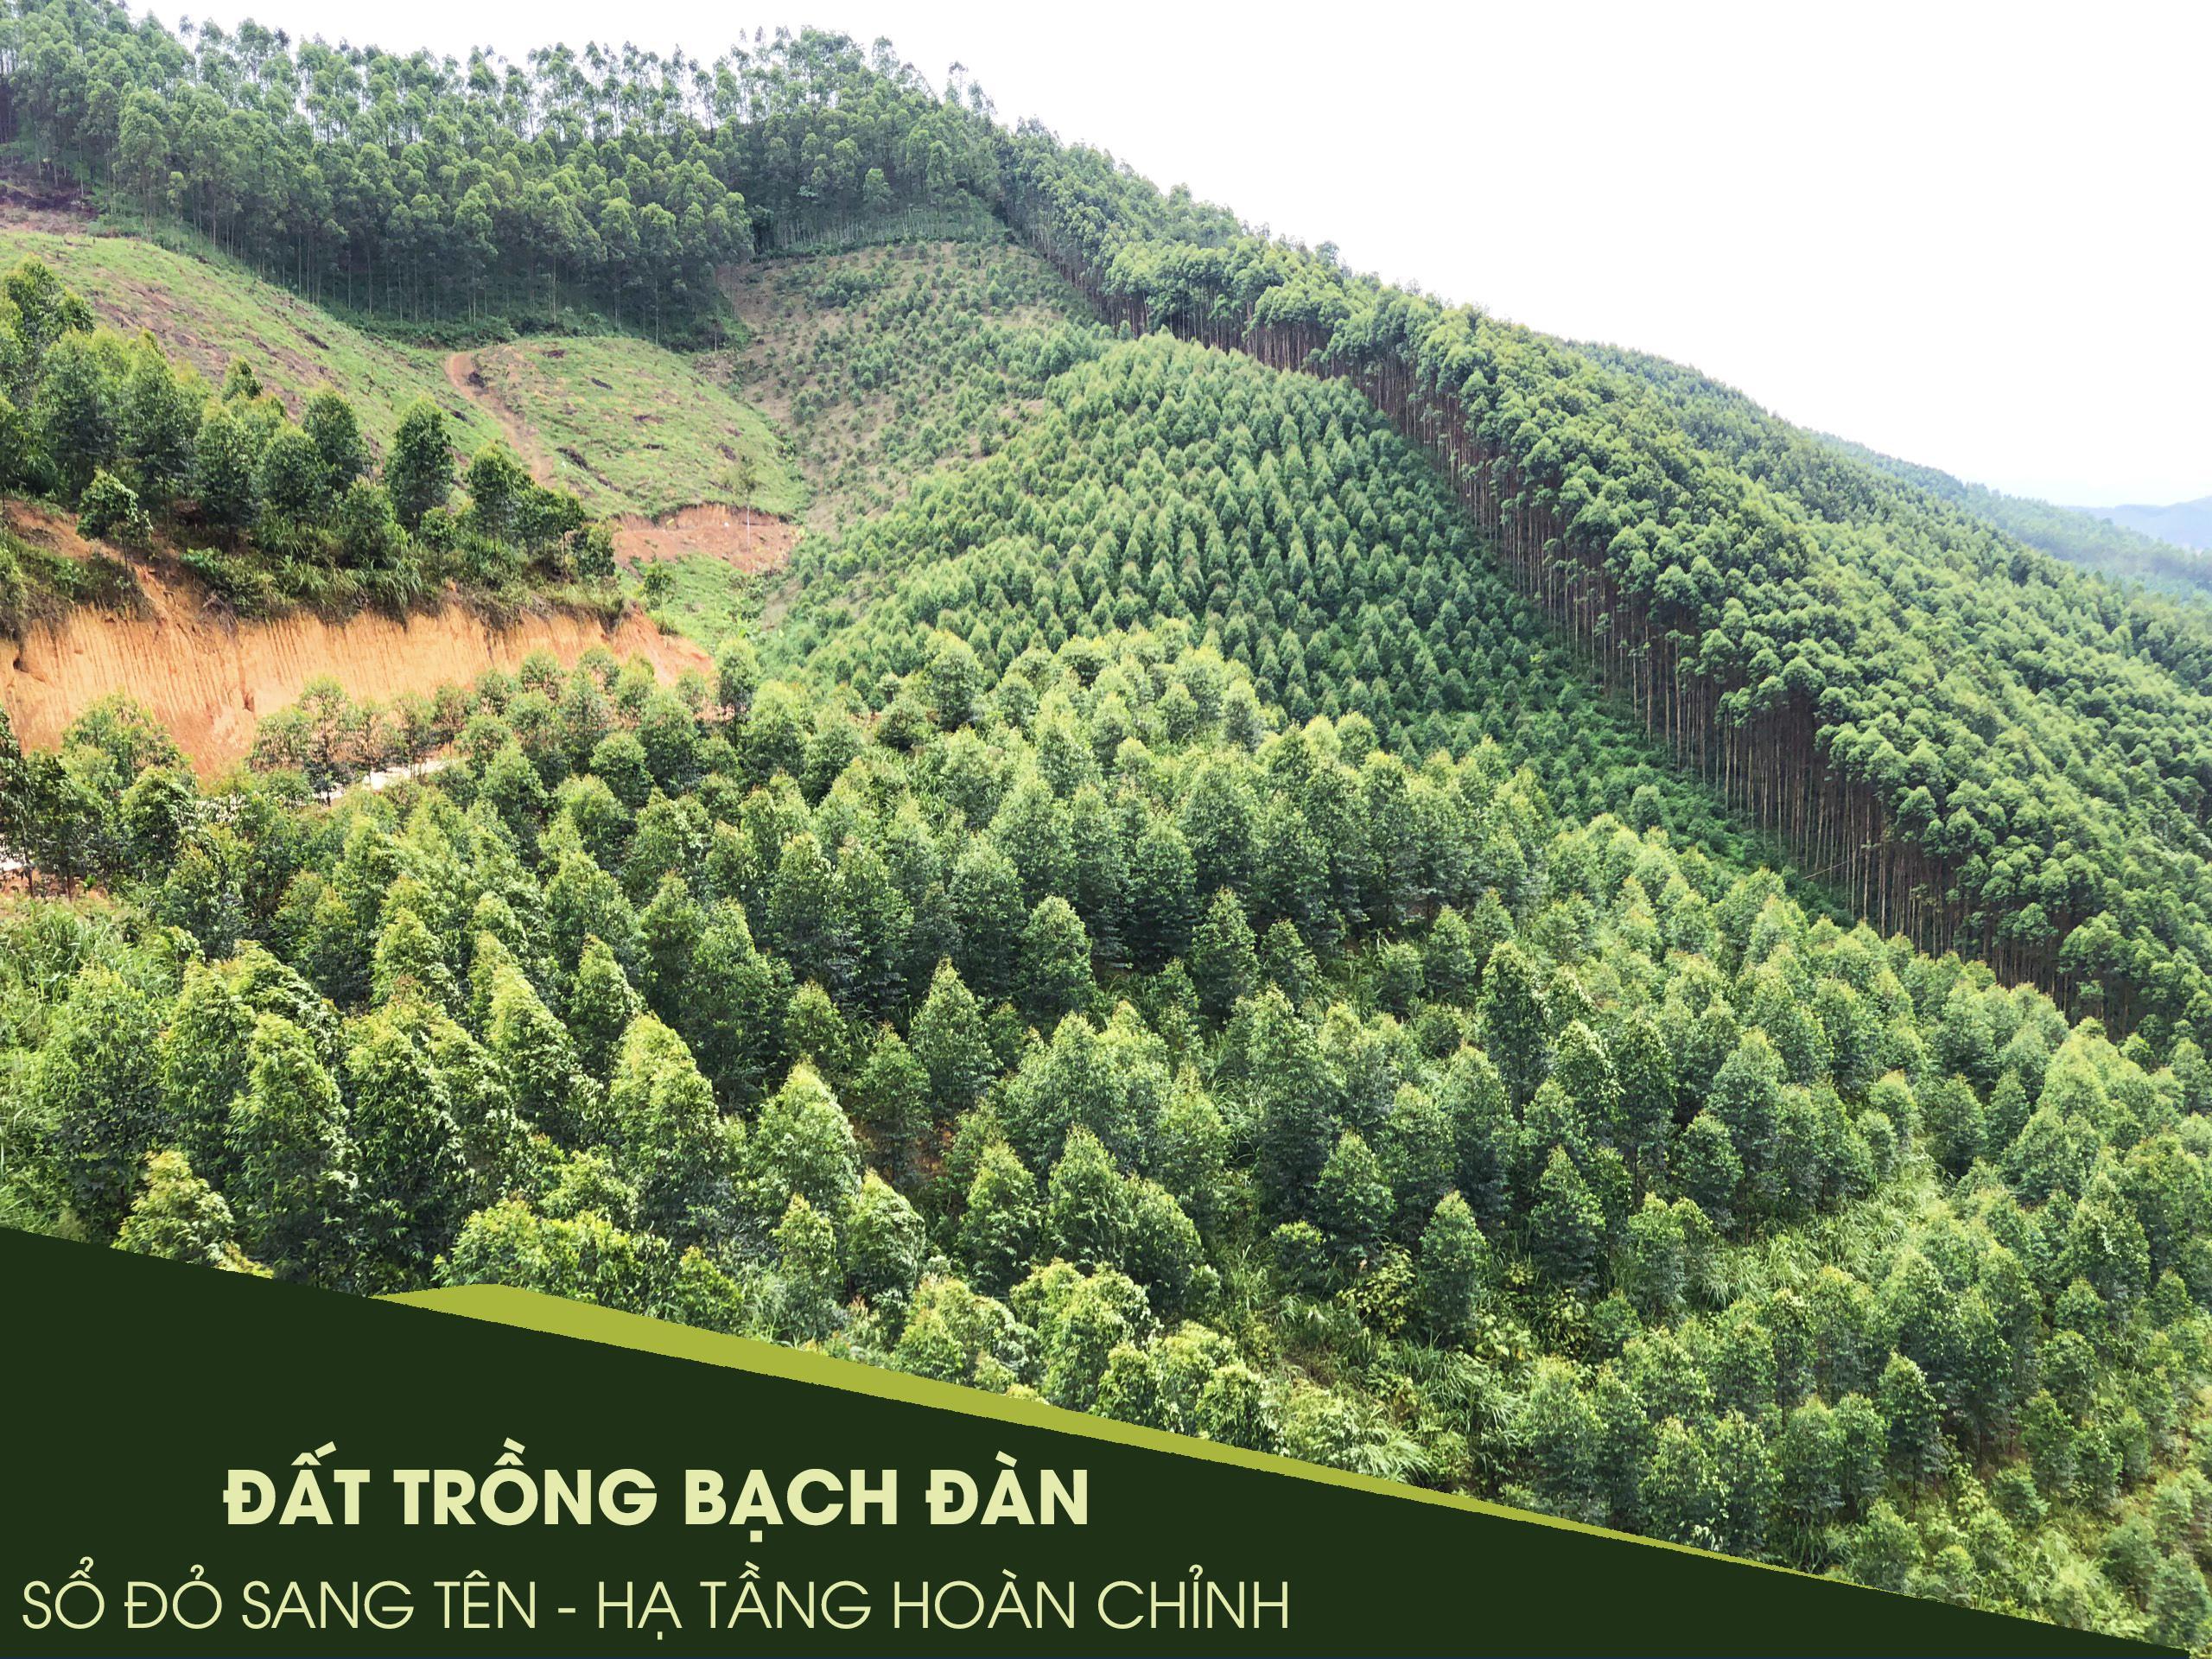 Đất rừng sản xuất